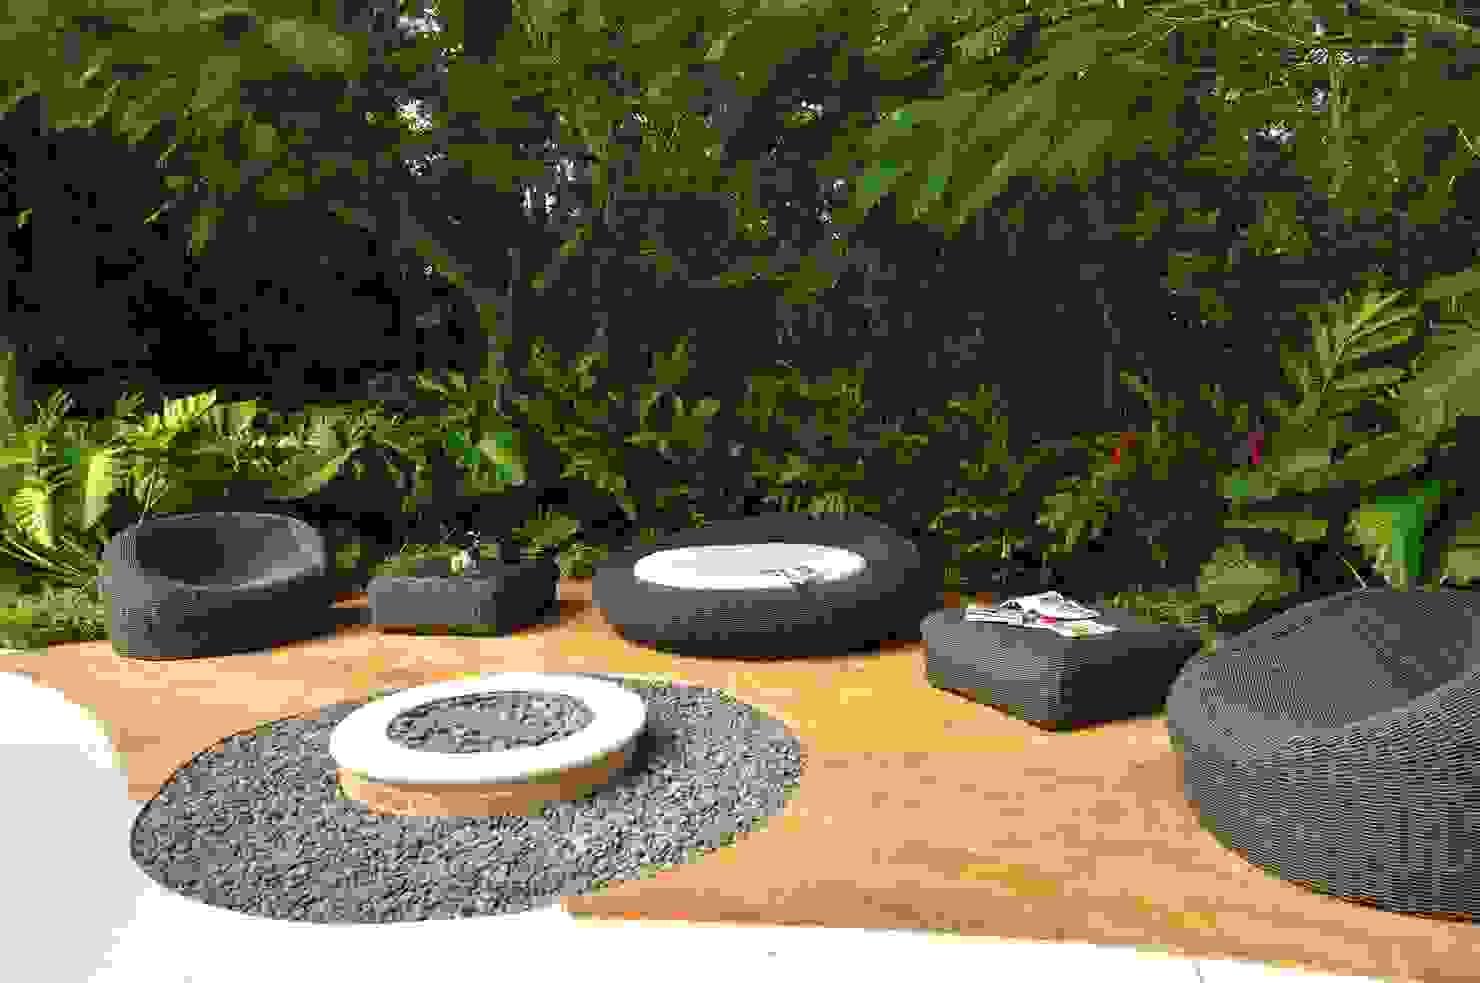 저렴한 비용으로 정원을 장식하는 10가지 노하우